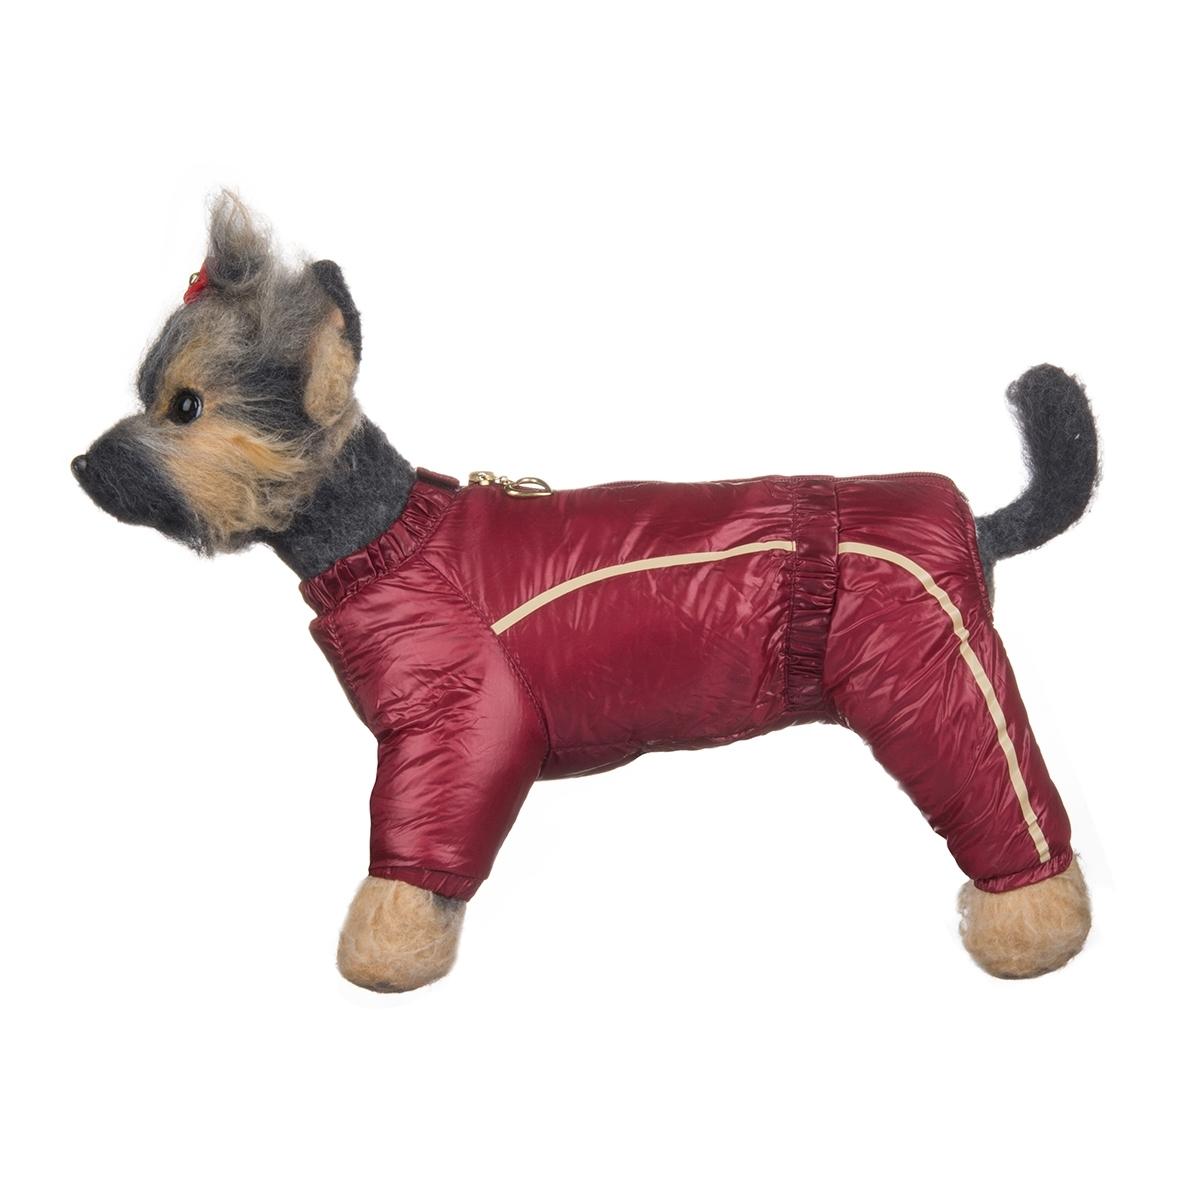 Комбинезон для собак Dogmoda Альпы, зимний, для девочки, цвет: бордовый, серый. Размер 4 (XL)DM-150349-4Зимний комбинезон для собак Dogmoda Альпы отлично подойдет для прогулок в зимнее время года.Комбинезон изготовлен из полиэстера, защищающего от ветра и снега, с утеплителем из синтепона, который сохранит тепло даже в сильные морозы, а на подкладке используется искусственный мех, который обеспечивает отличный воздухообмен. Комбинезон застегивается на молнию и липучку, благодаря чему его легко надевать и снимать. Ворот, низ рукавов и брючин оснащены внутренними резинками, которые мягко обхватывают шею и лапки, не позволяя просачиваться холодному воздуху. На пояснице имеется внутренняя резинка. Изделие декорировано бежевыми полосками и надписью DM.Благодаря такому комбинезону простуда не грозит вашему питомцу и он сможет испытать не сравнимое удовольствие от снежных игр и забав.